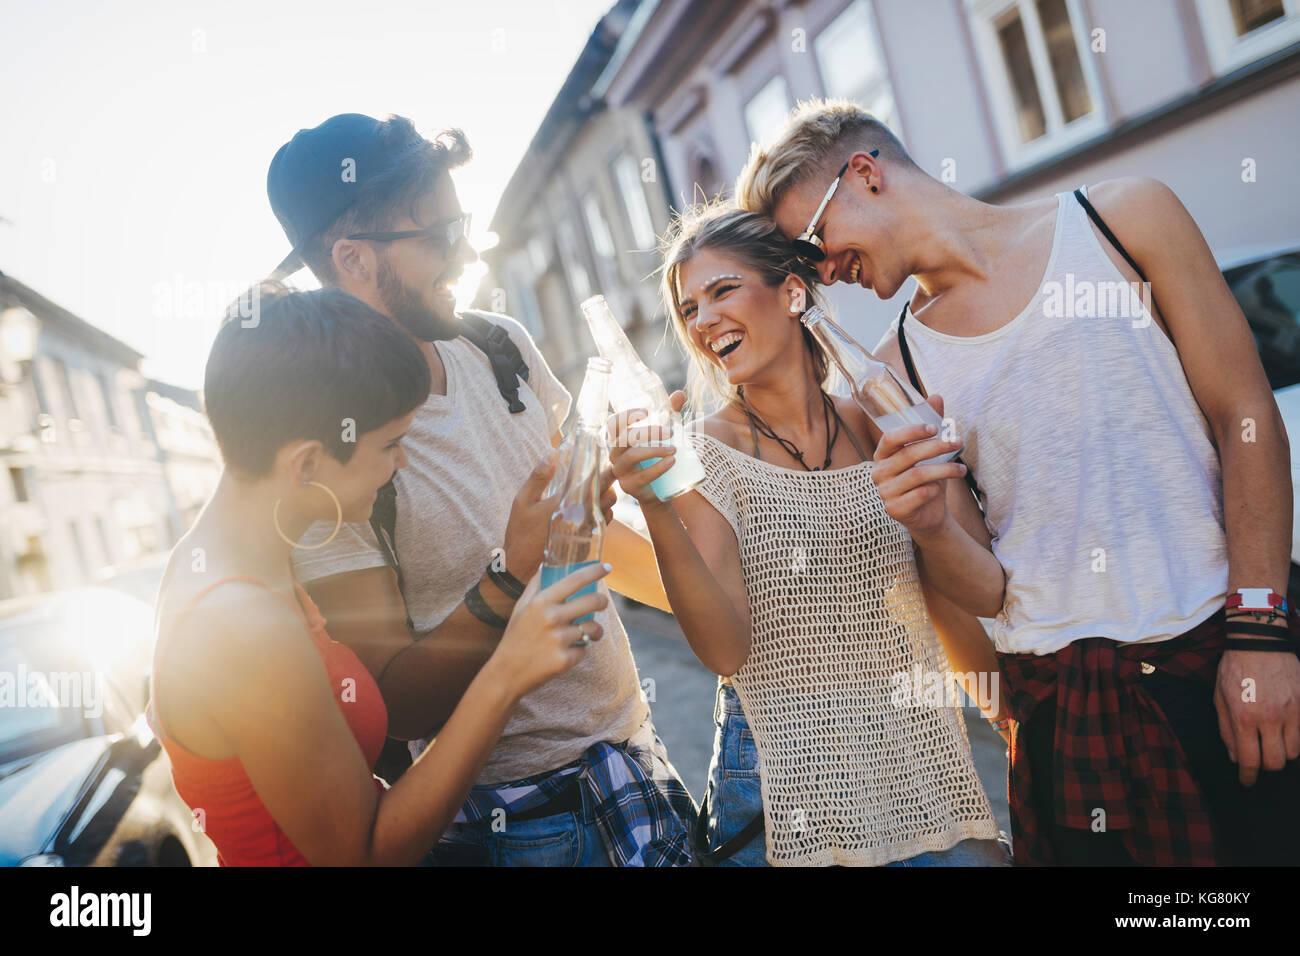 Grupo de jóvenes amigos divertirse tiempo feliz Imagen De Stock